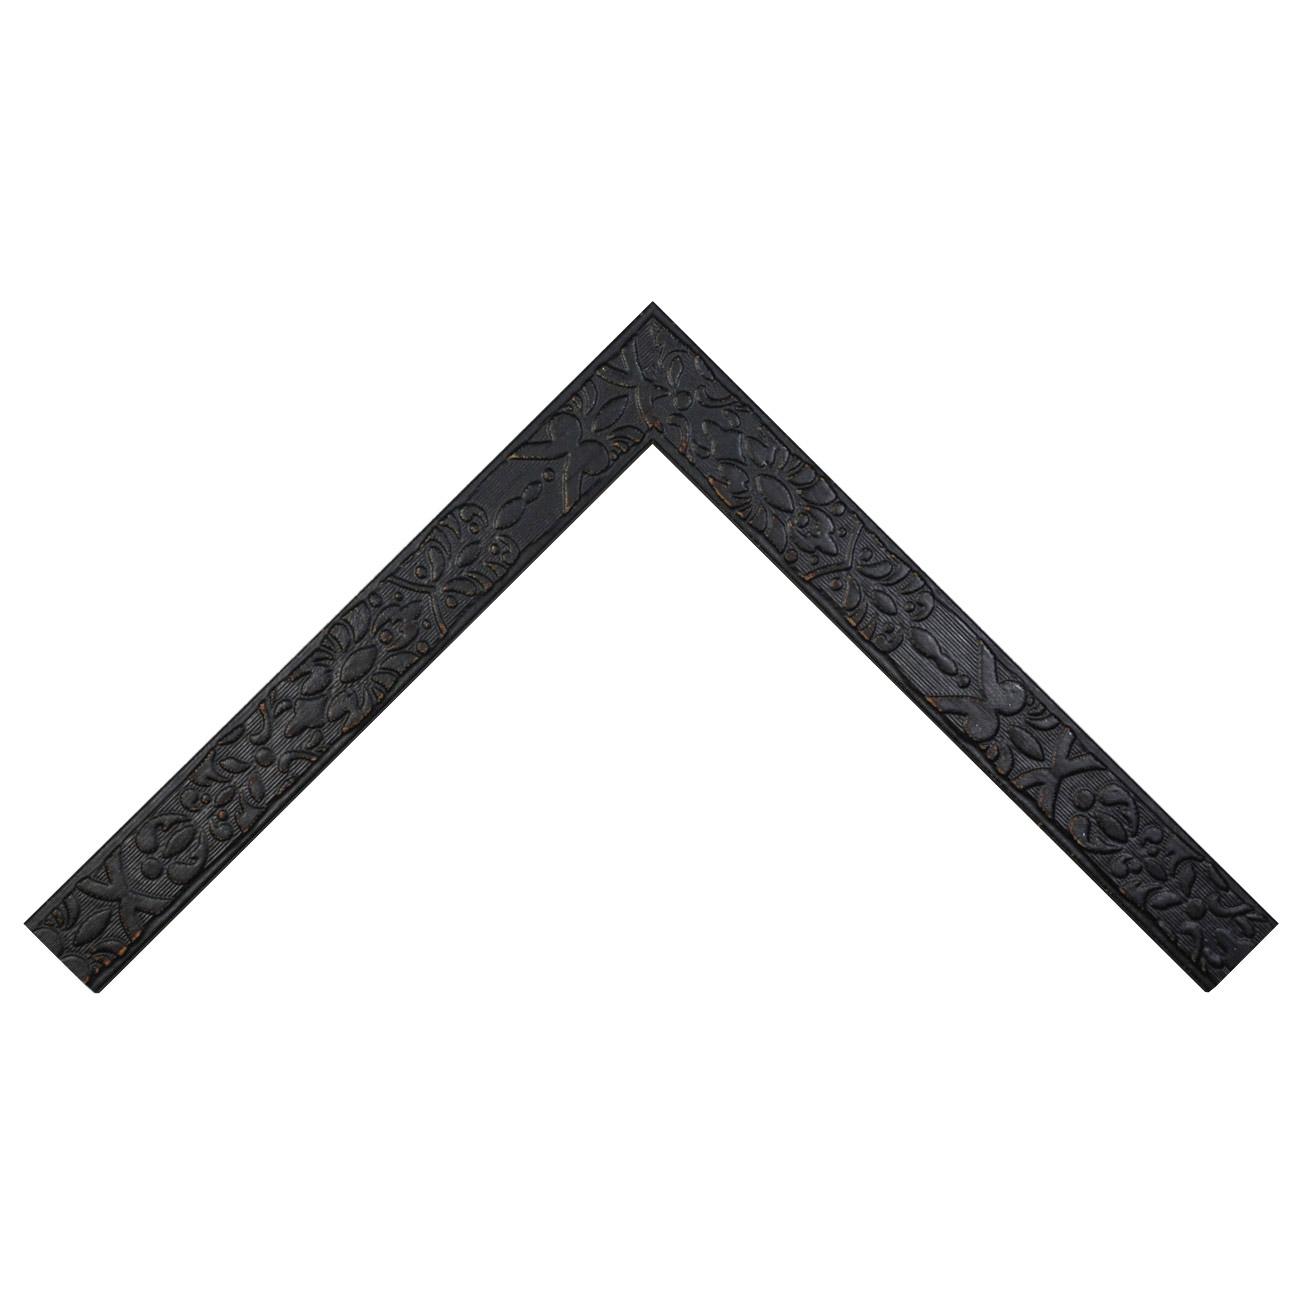 Baguette bois profil plat largeur 4cm couleur noir ébène décapé décor frise en relief